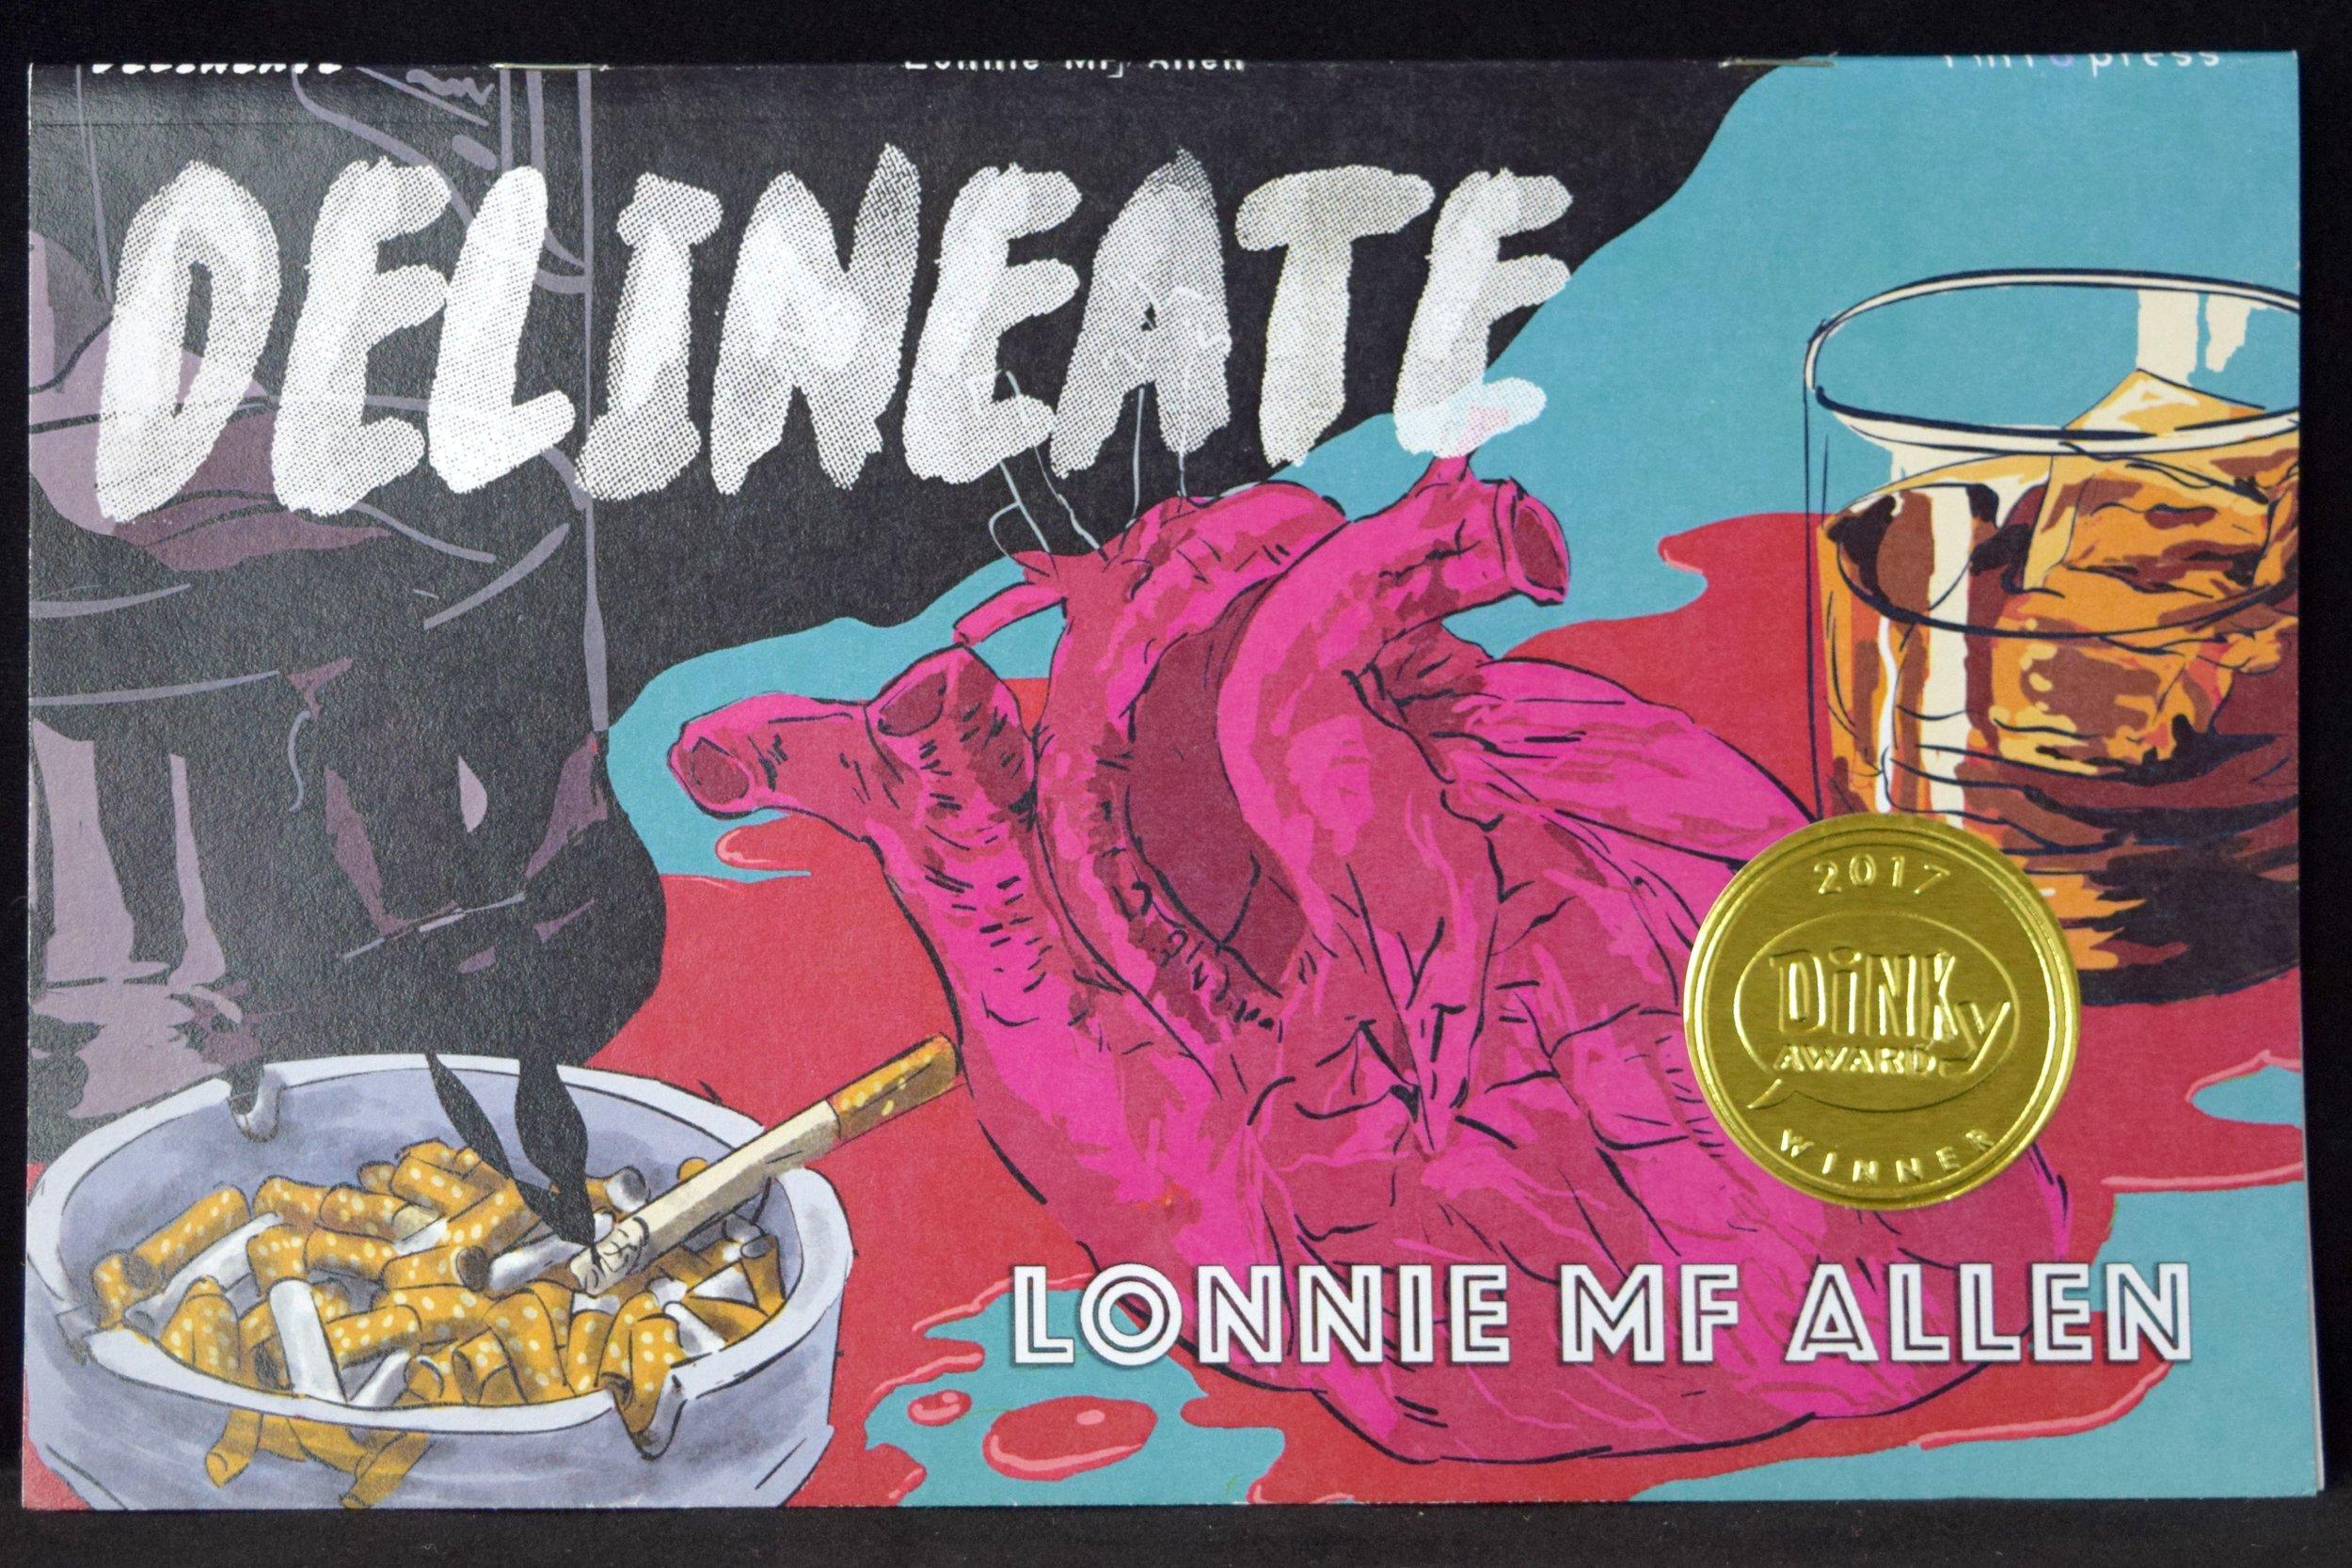 Deliniate   from  Lonnie Allen  - a 2017 Dinky Award winner.